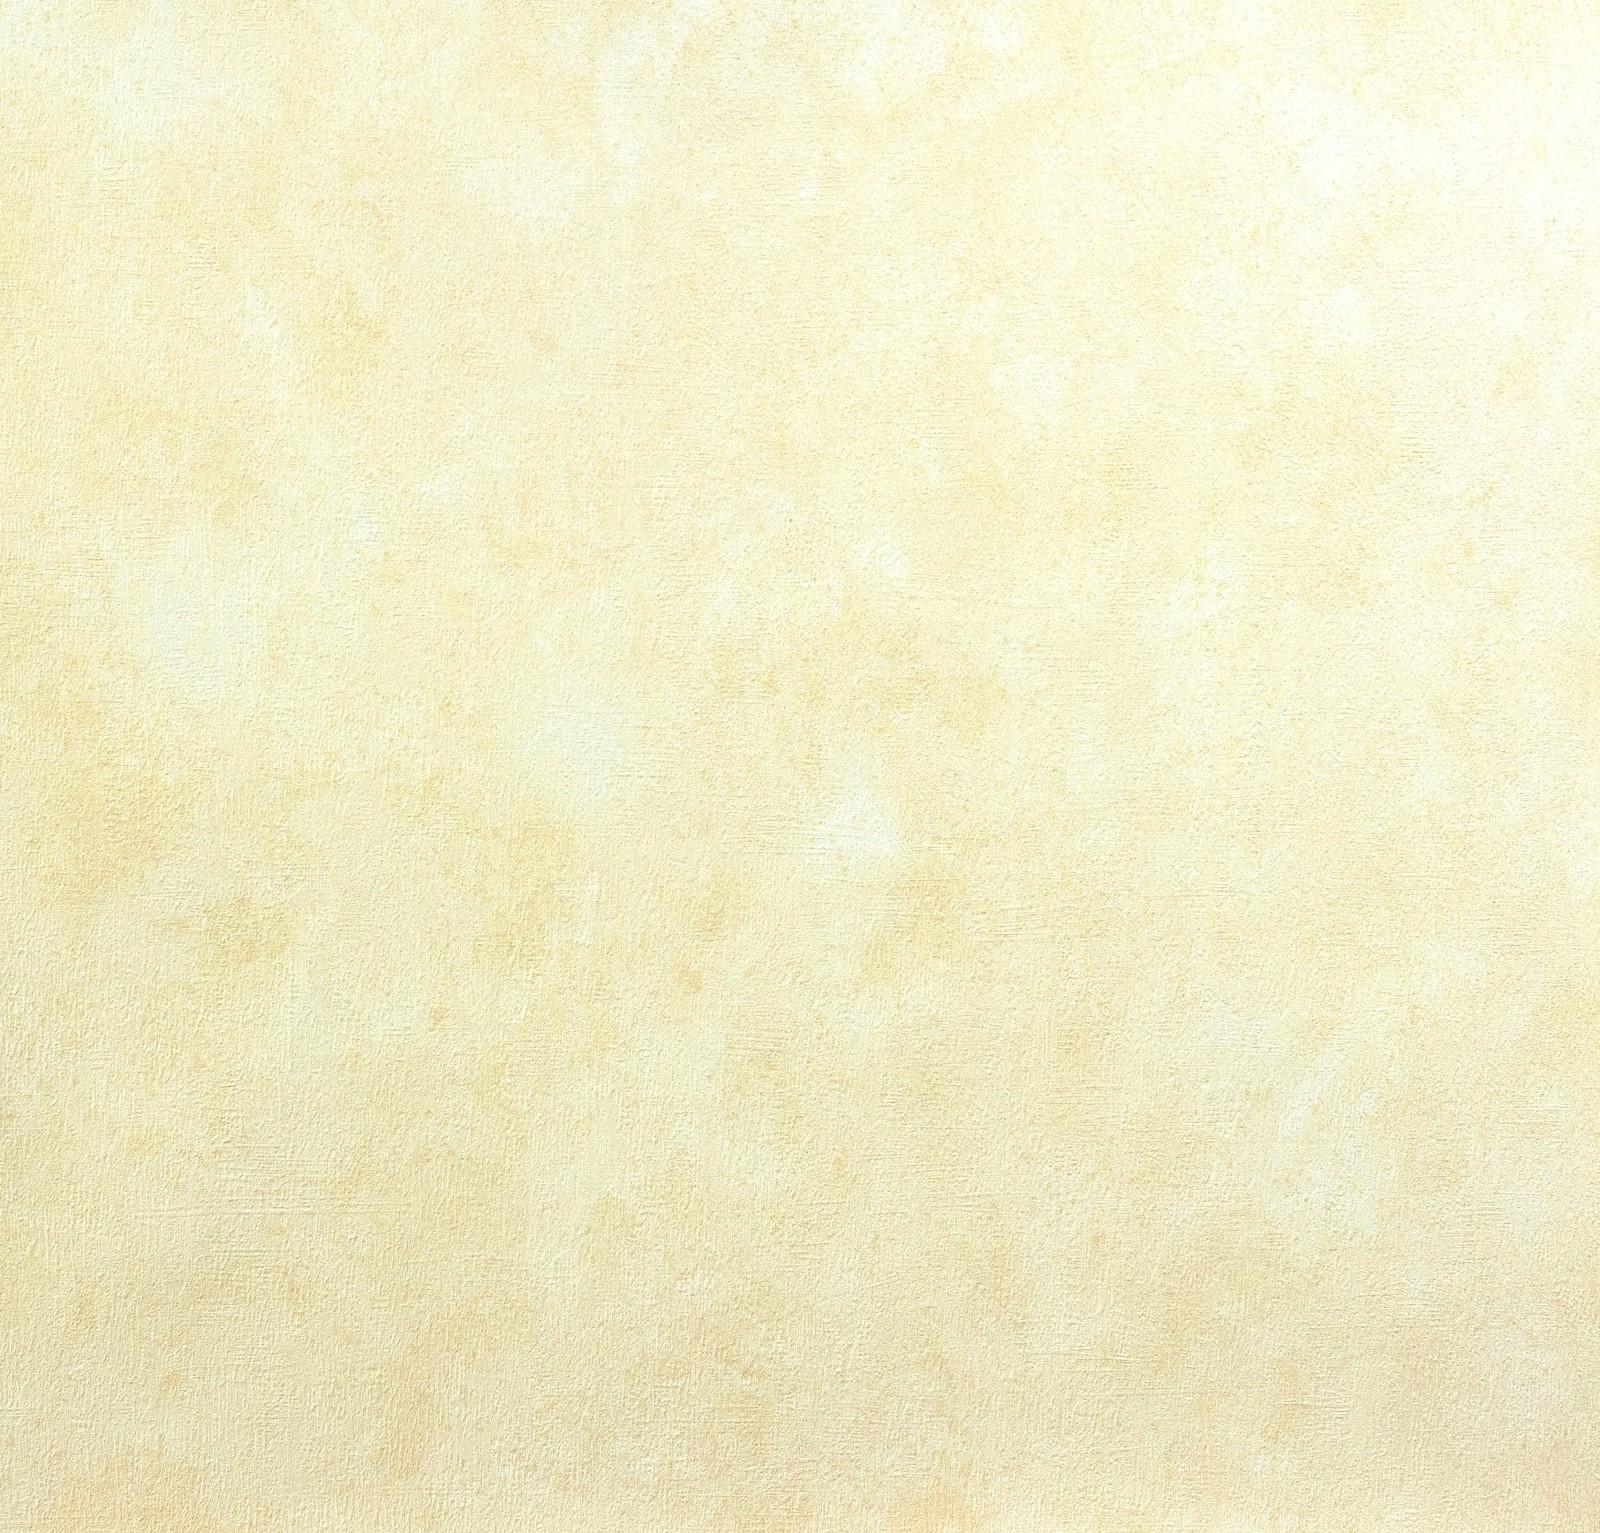 Plain Black Wallpaper For Walls Kids Wallpaper Uni Boys Amp Girls Beige 7584 15